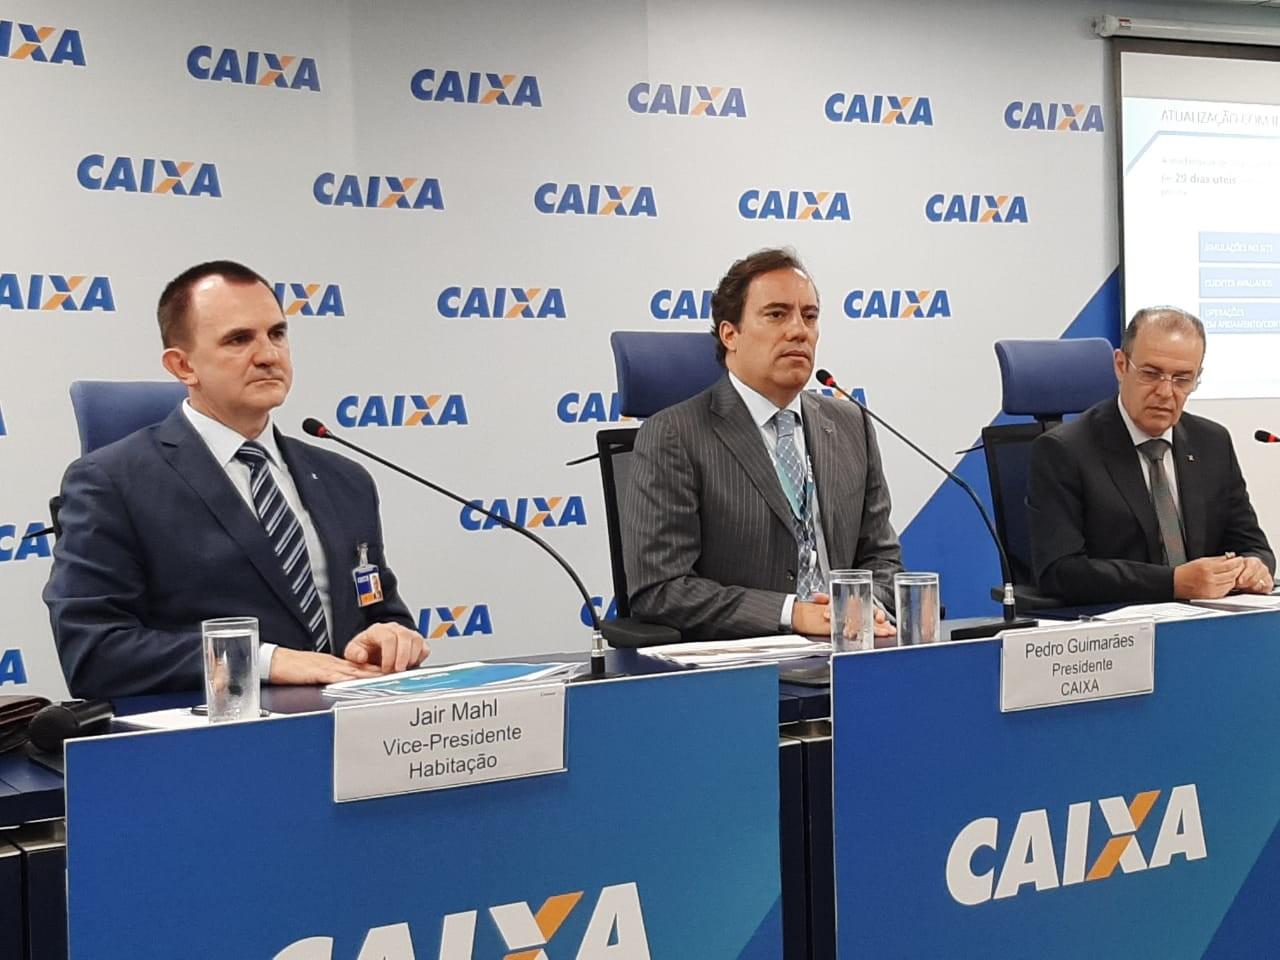 Caixa anuncia redução da taxa cobrada para repassar emendas parlamentares - Notícias - Plantão Diário